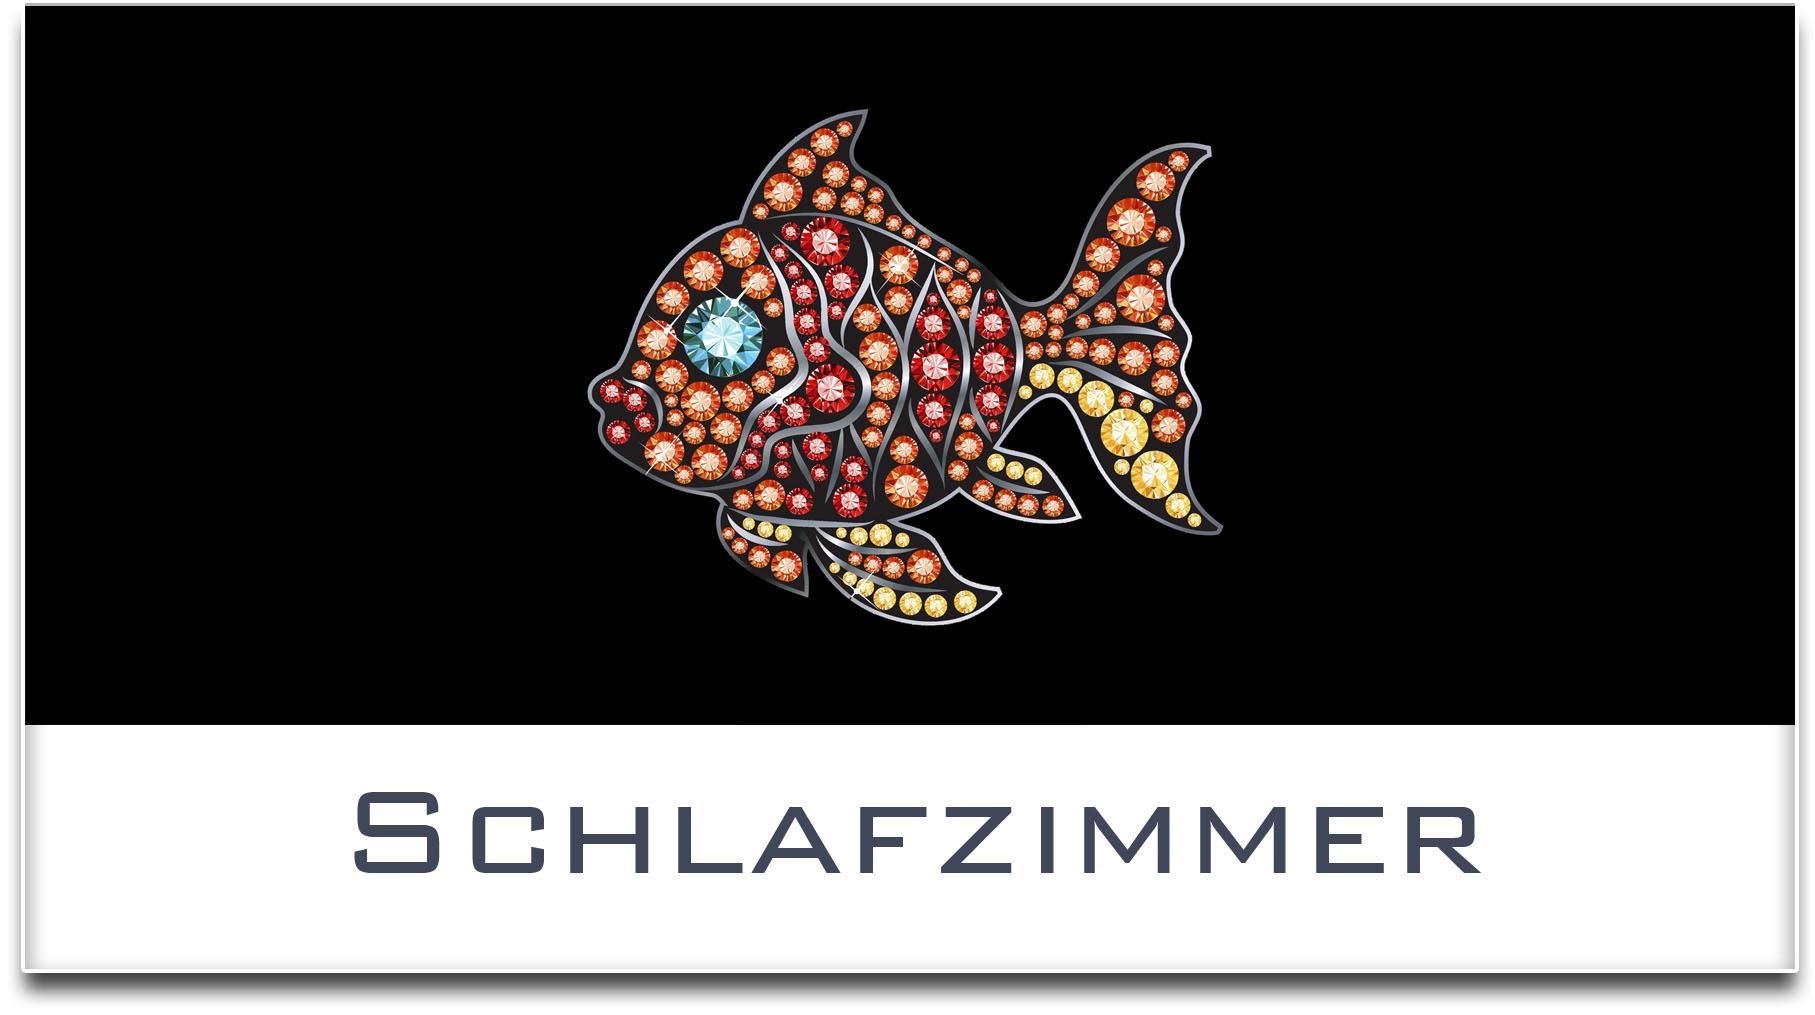 Türschild / Haustürschild / Fisch / Schlafzimmer / Selbstklebend